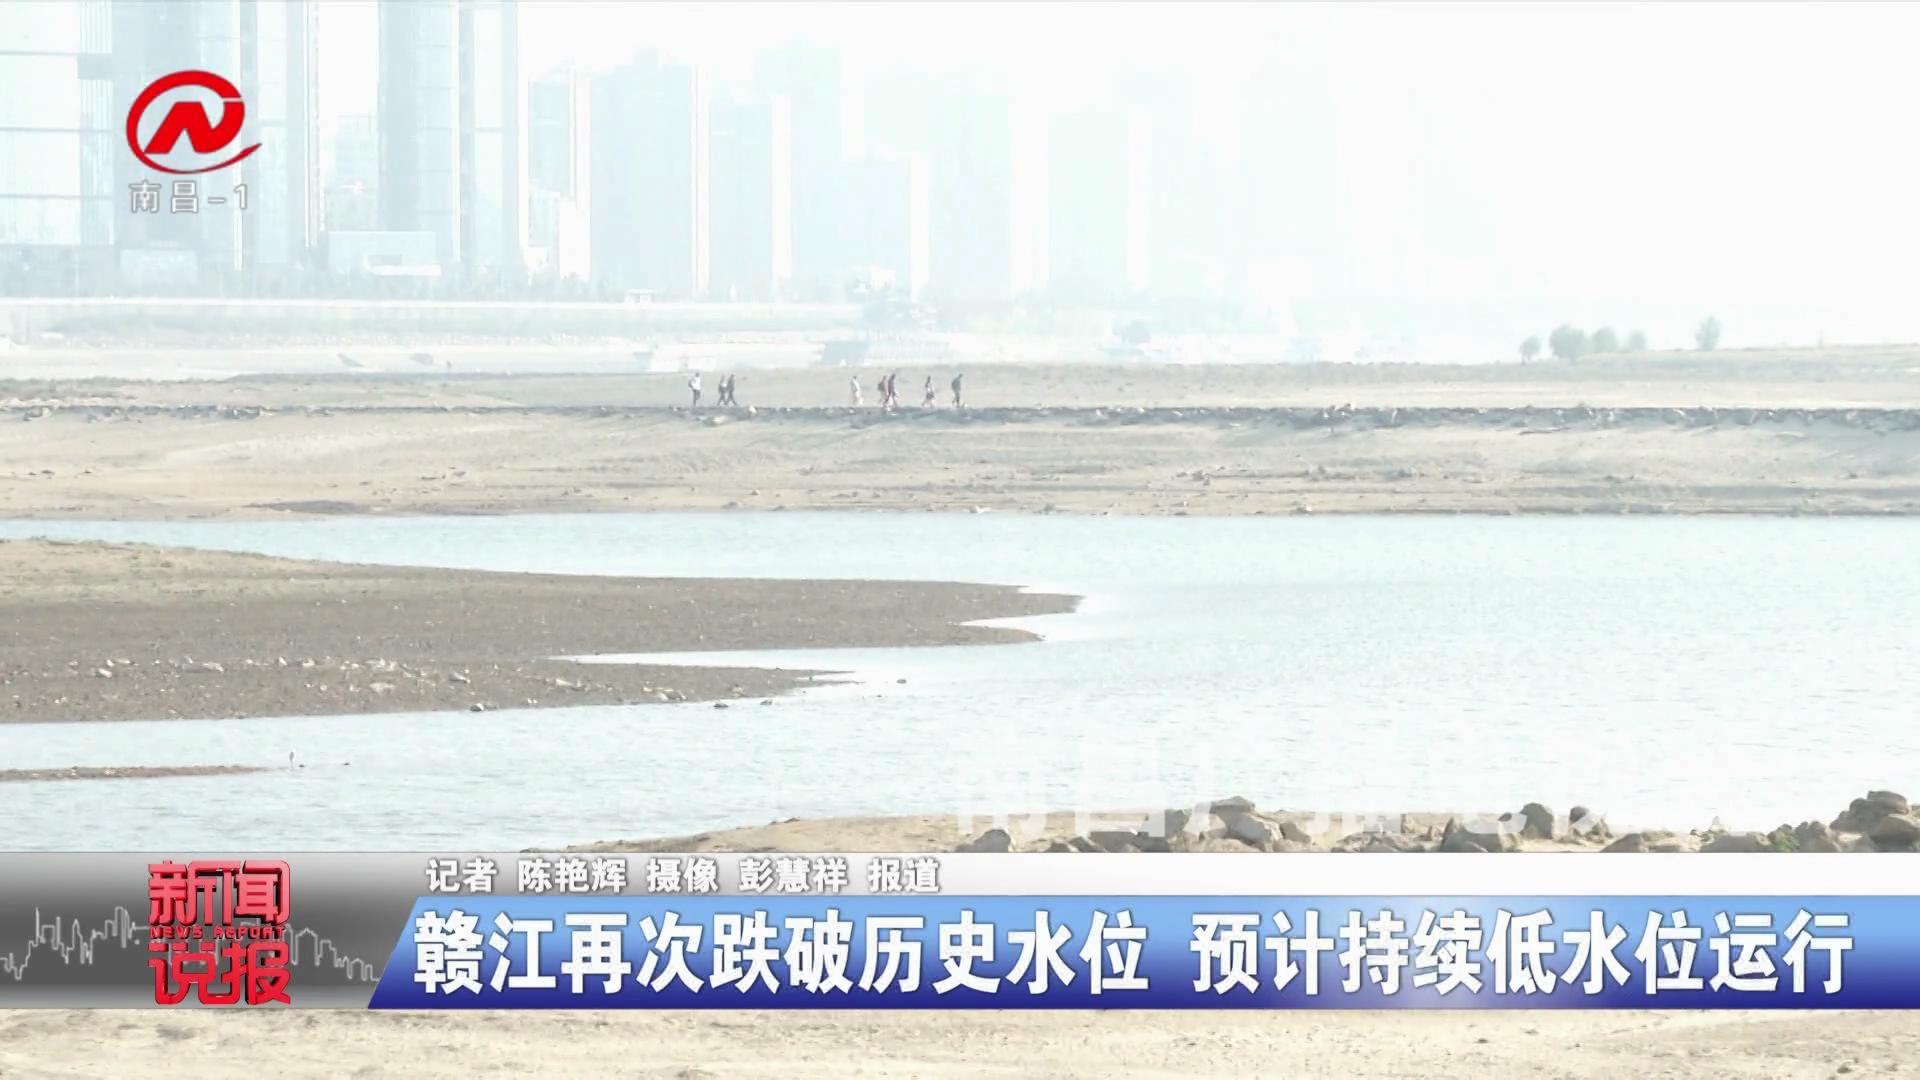 赣江再次跌破历史水位 预计持续低水位运行